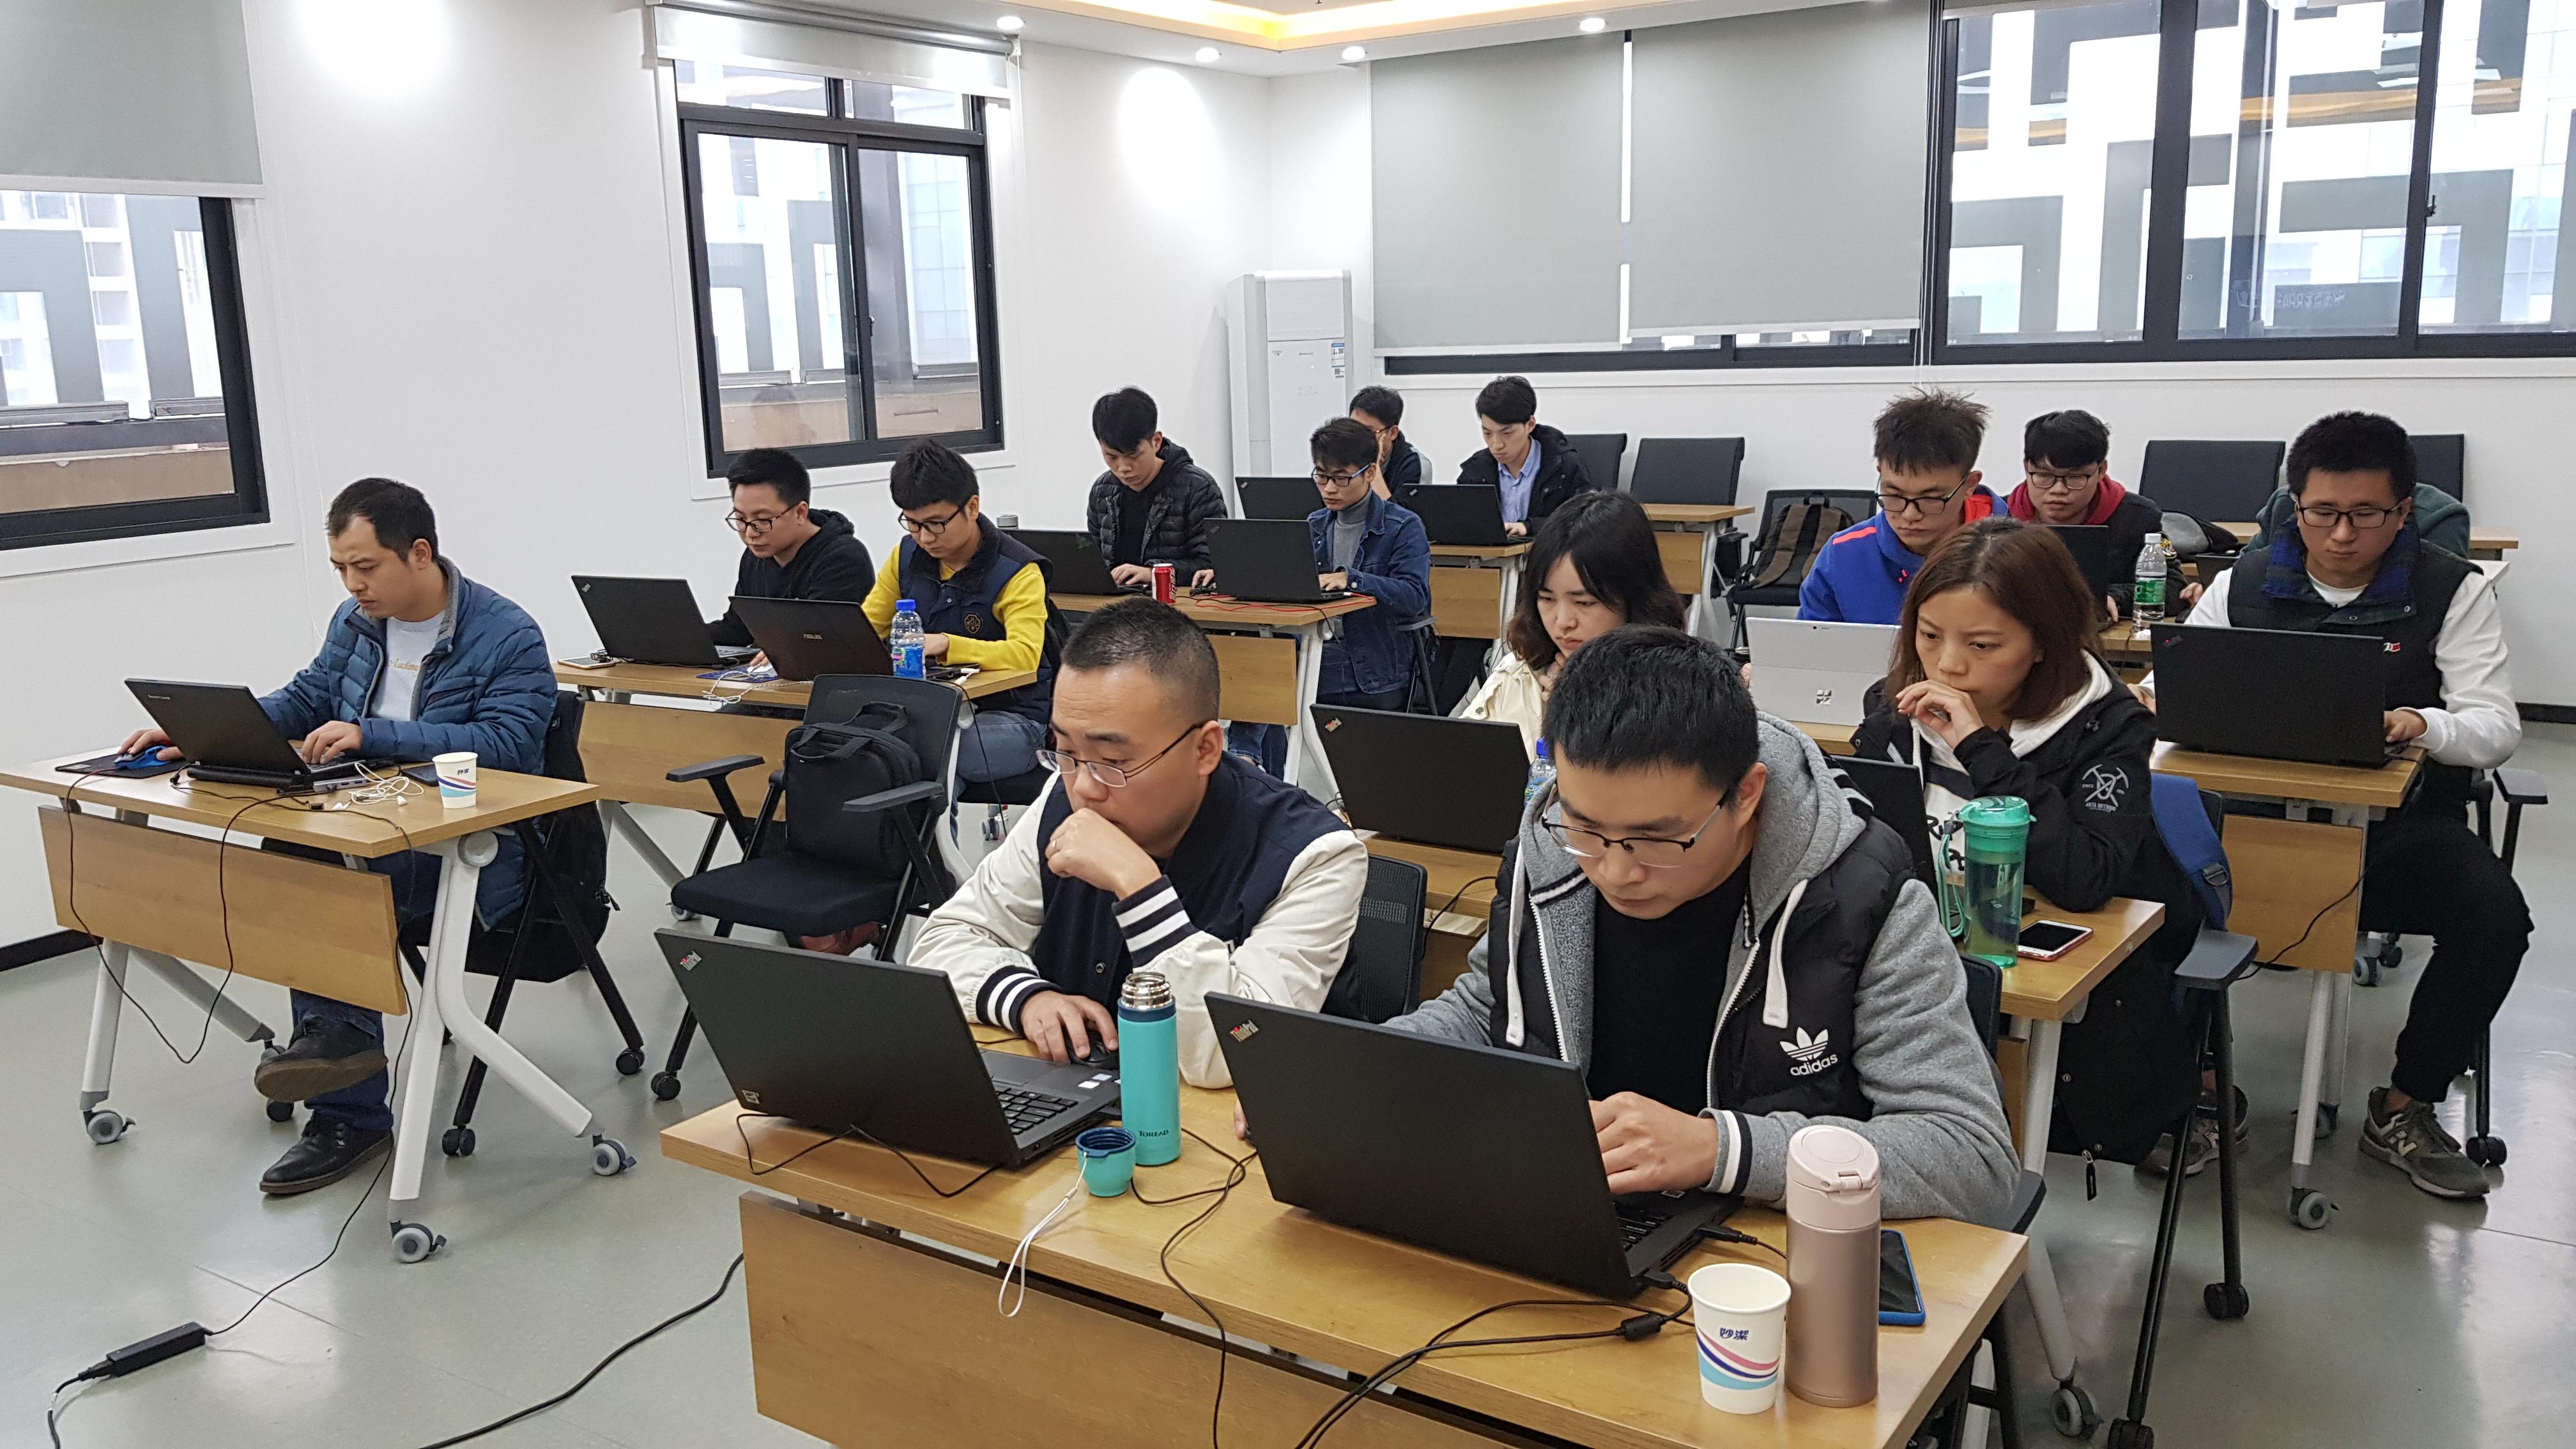 IS-RPA 技术认证培训 - 成都 20191116-1117 班